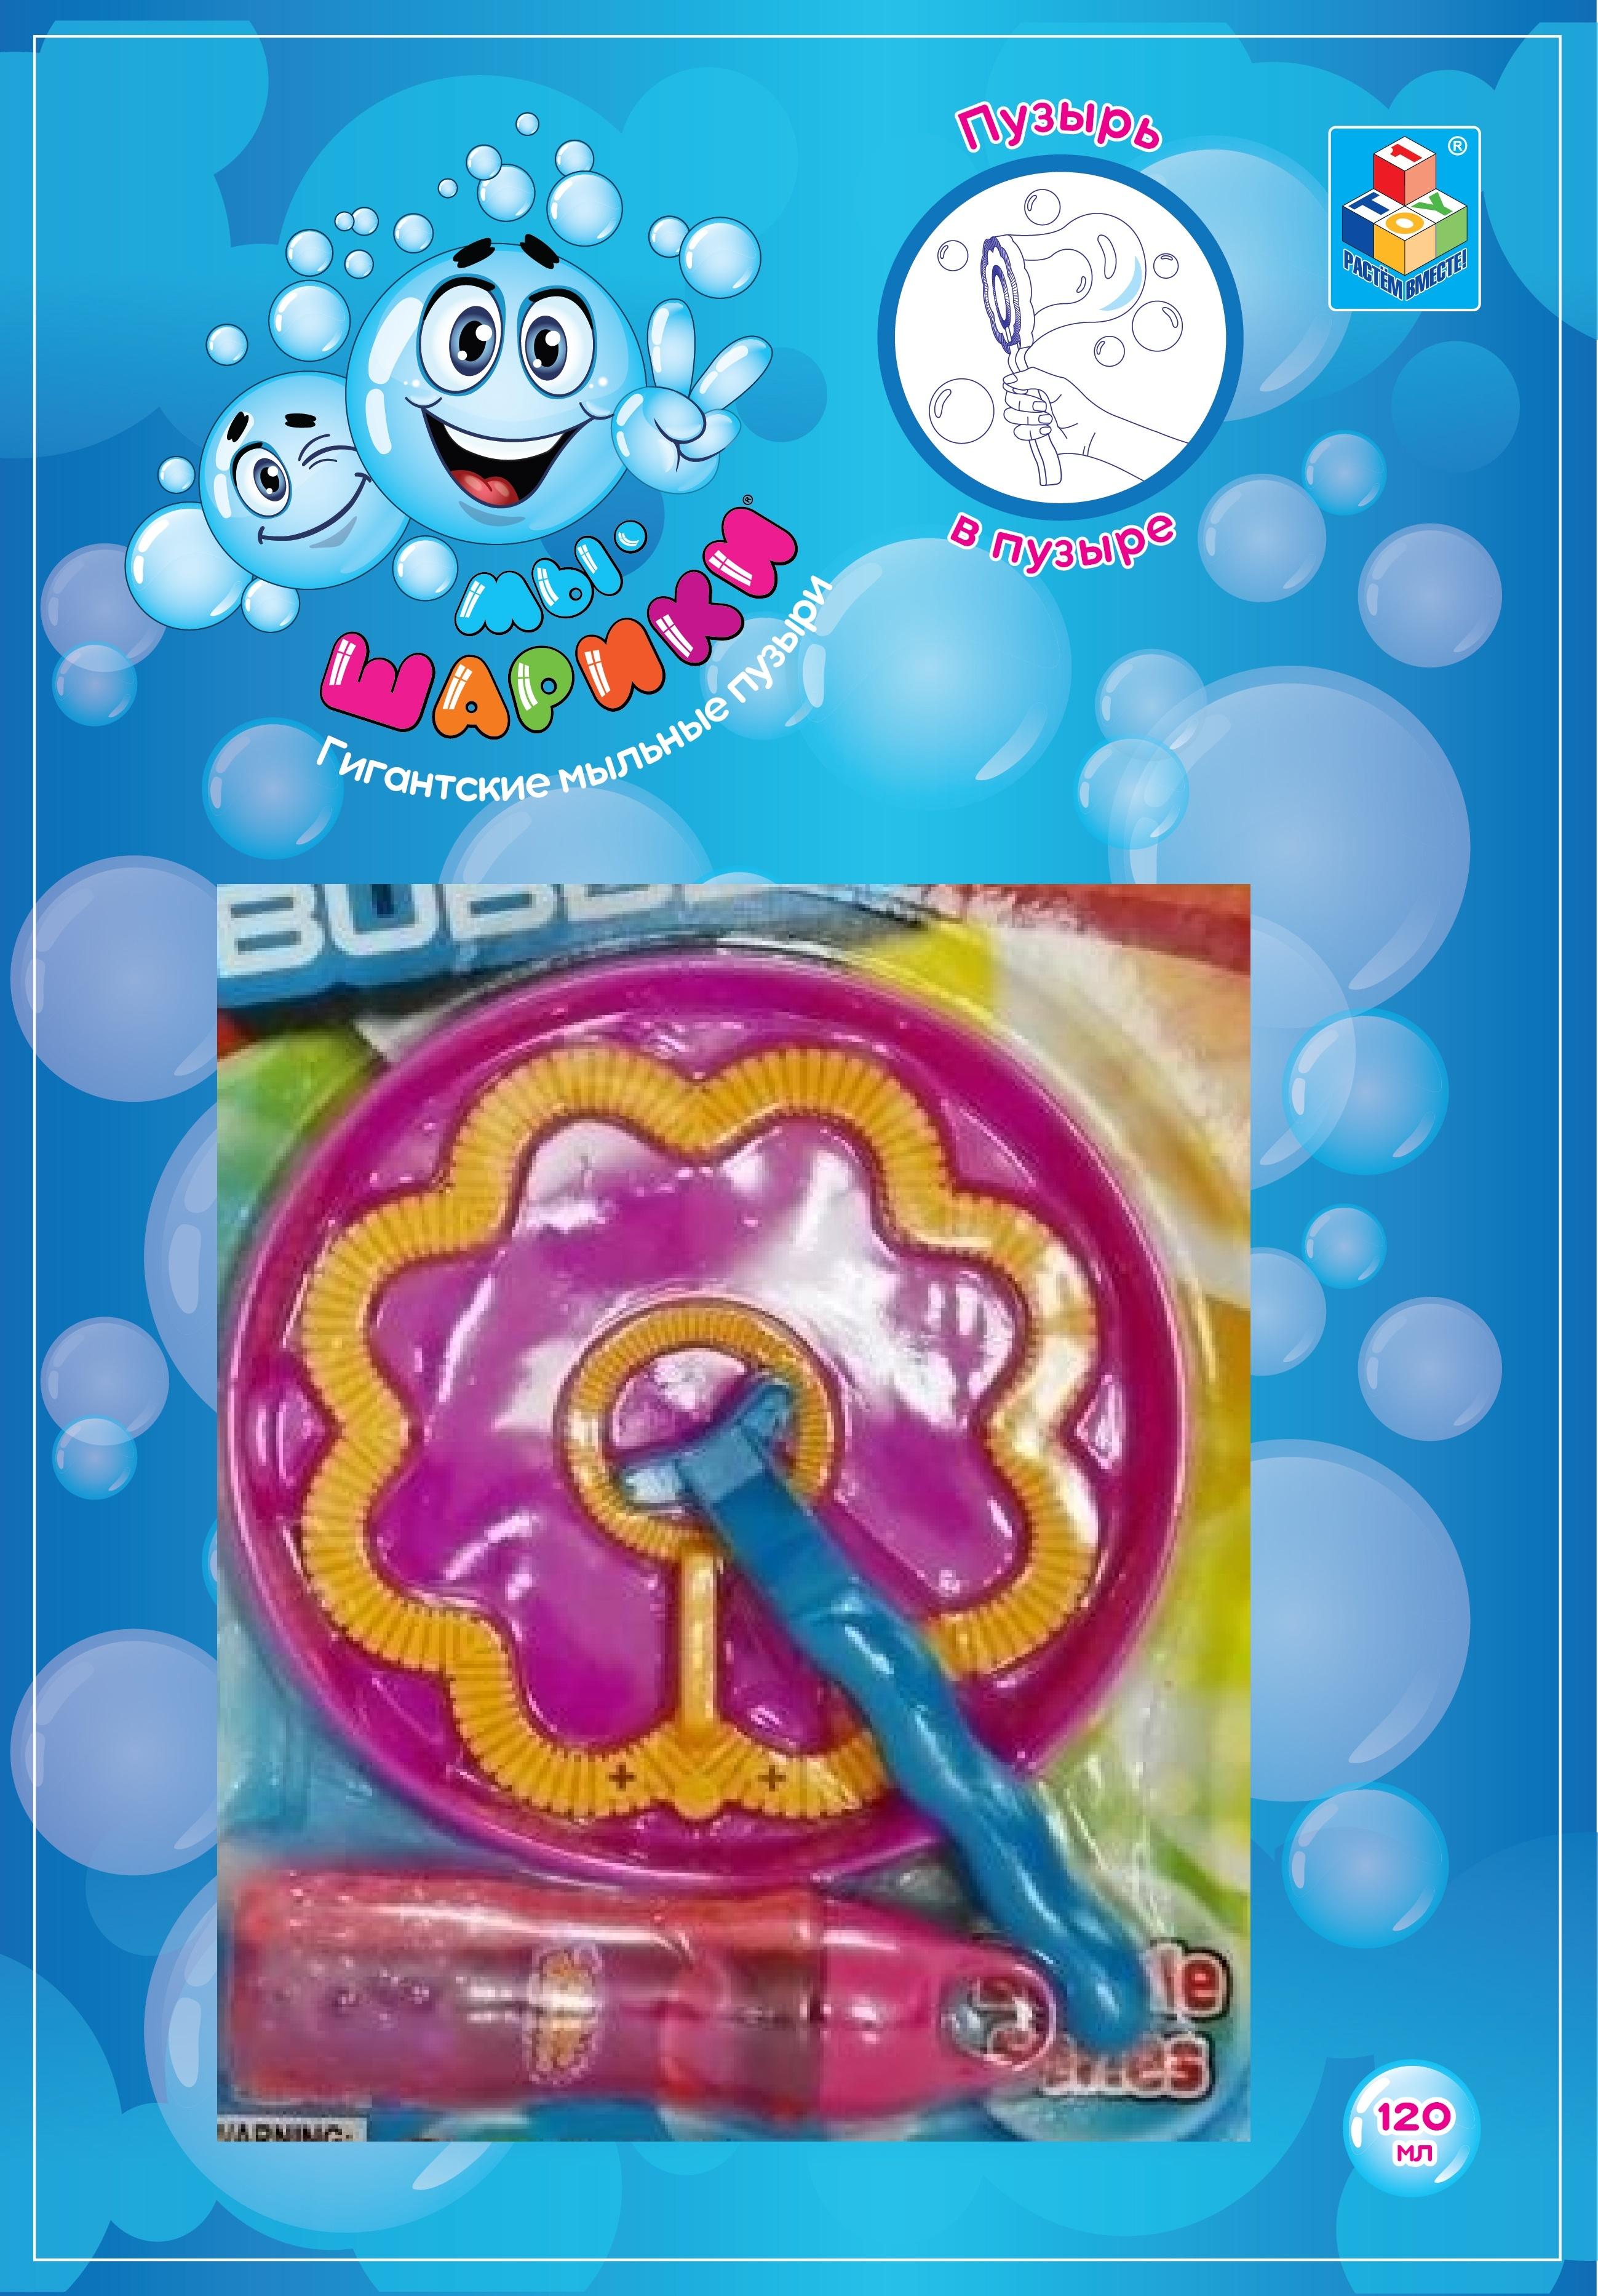 Мыльные пузыри 1toy Набор гигантских мыльных пузырей 1TOY 120 мл 1toy раскраска